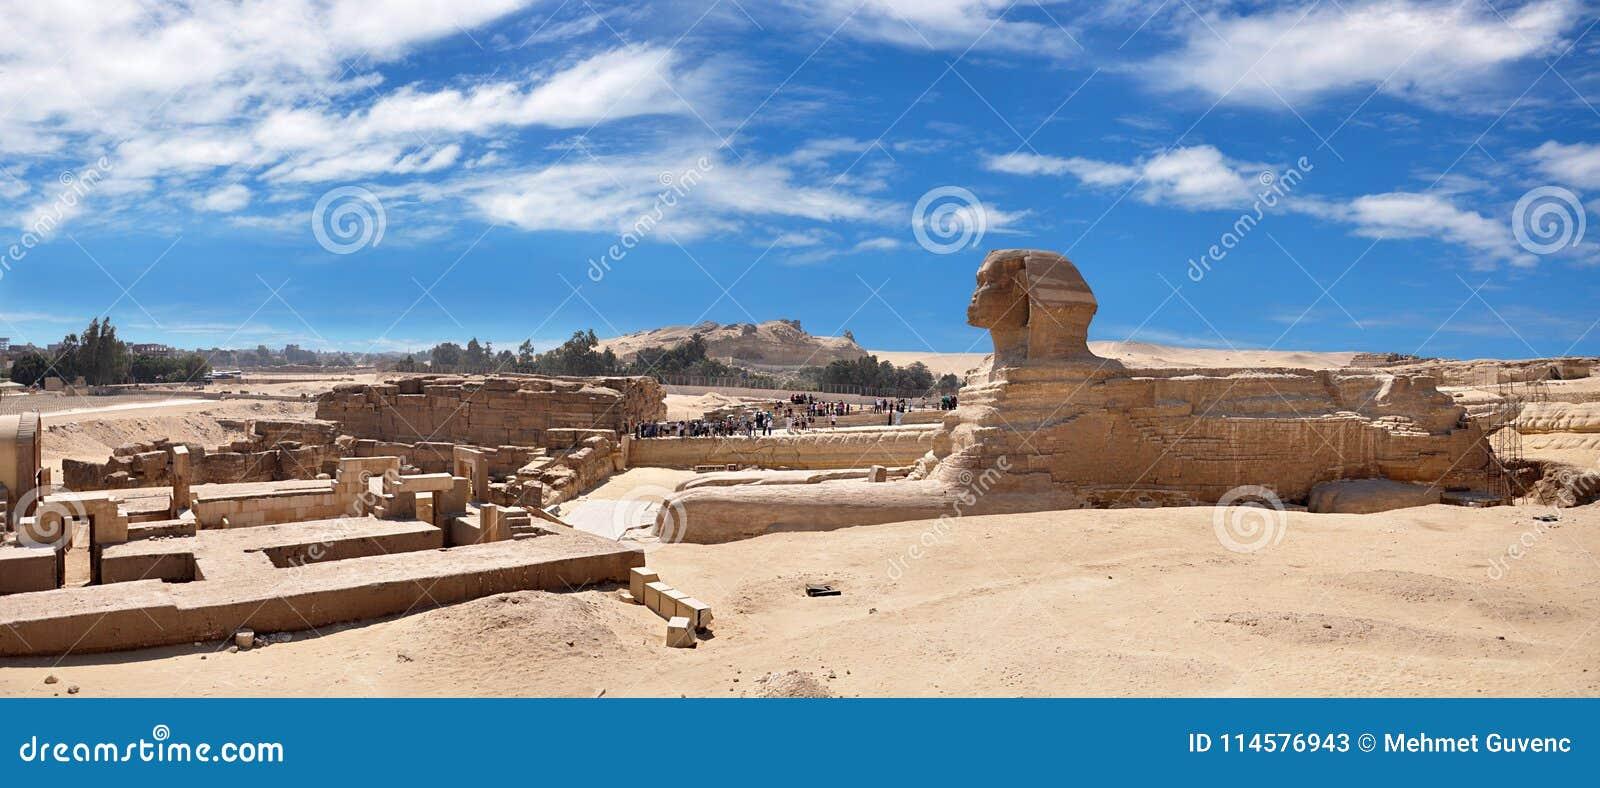 Ägypten ist ein voller Panoramablick der Sphinxes in Giseh